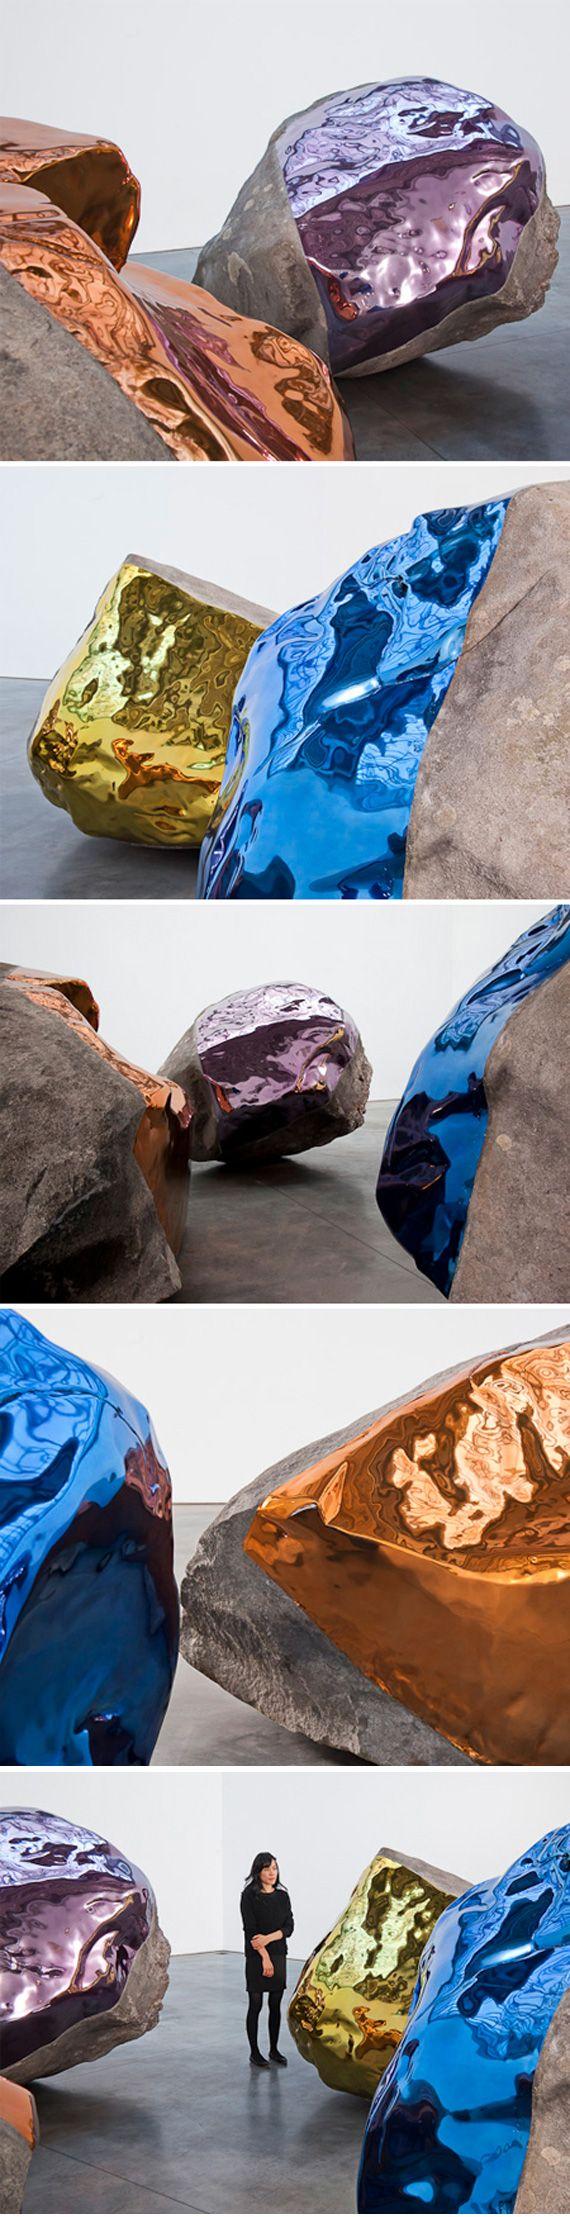 Wouuuuuaaahhh #art #sculpture